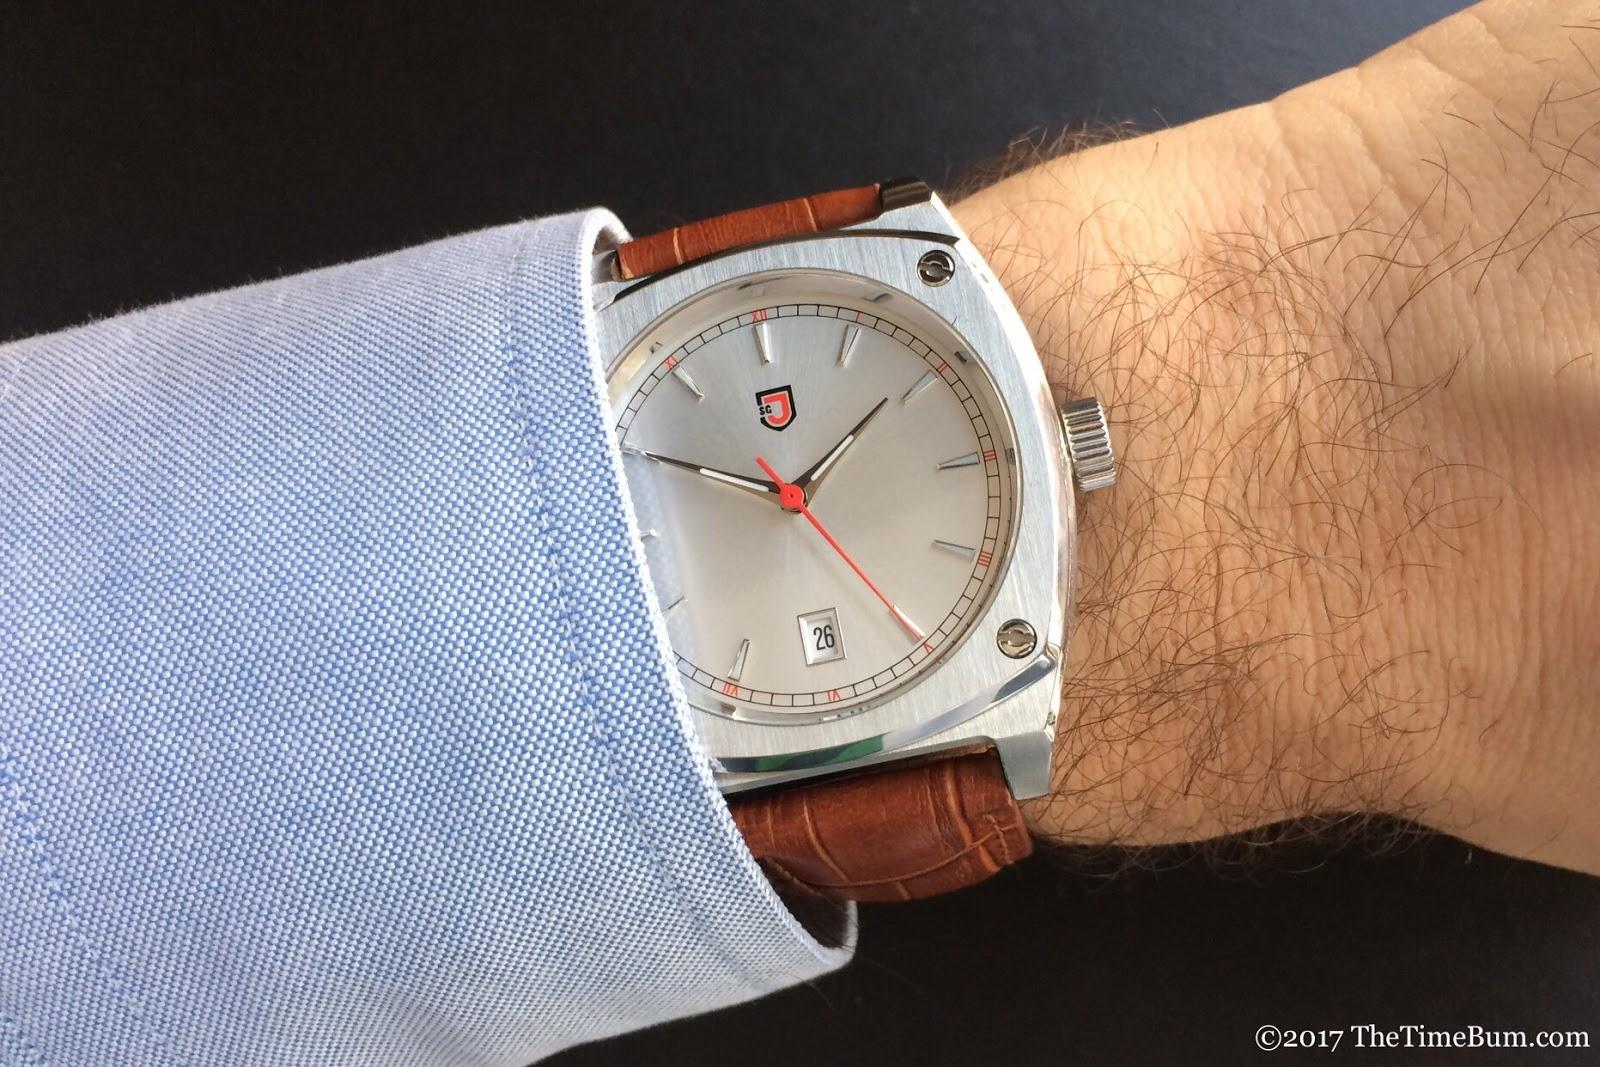 Jubilion Superellipse Silver  wrist